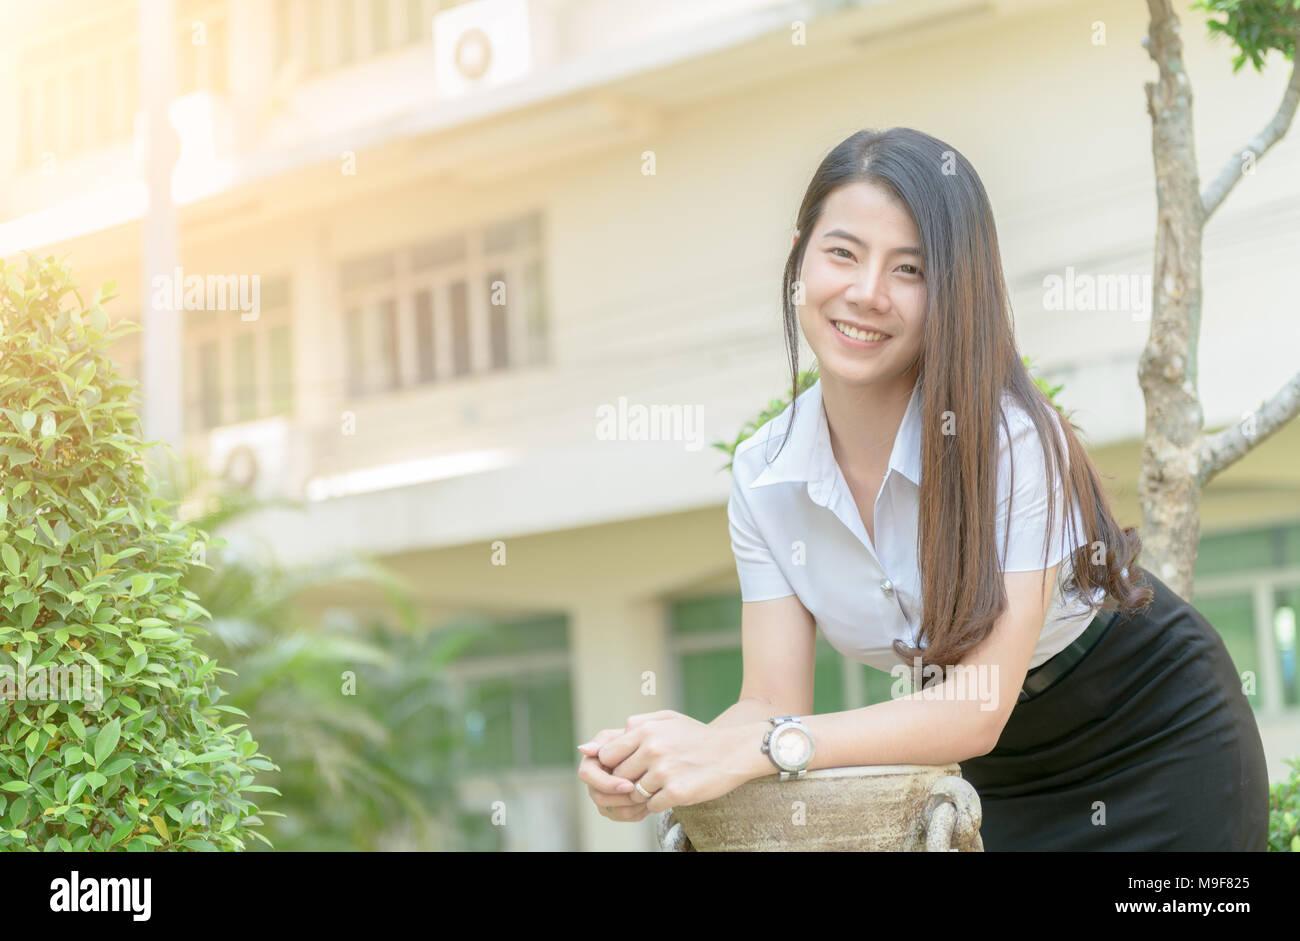 Japansk kvindelig, der giver fredstegn Arkivfoton japansk kvindelig, der giver fredstegn-2585